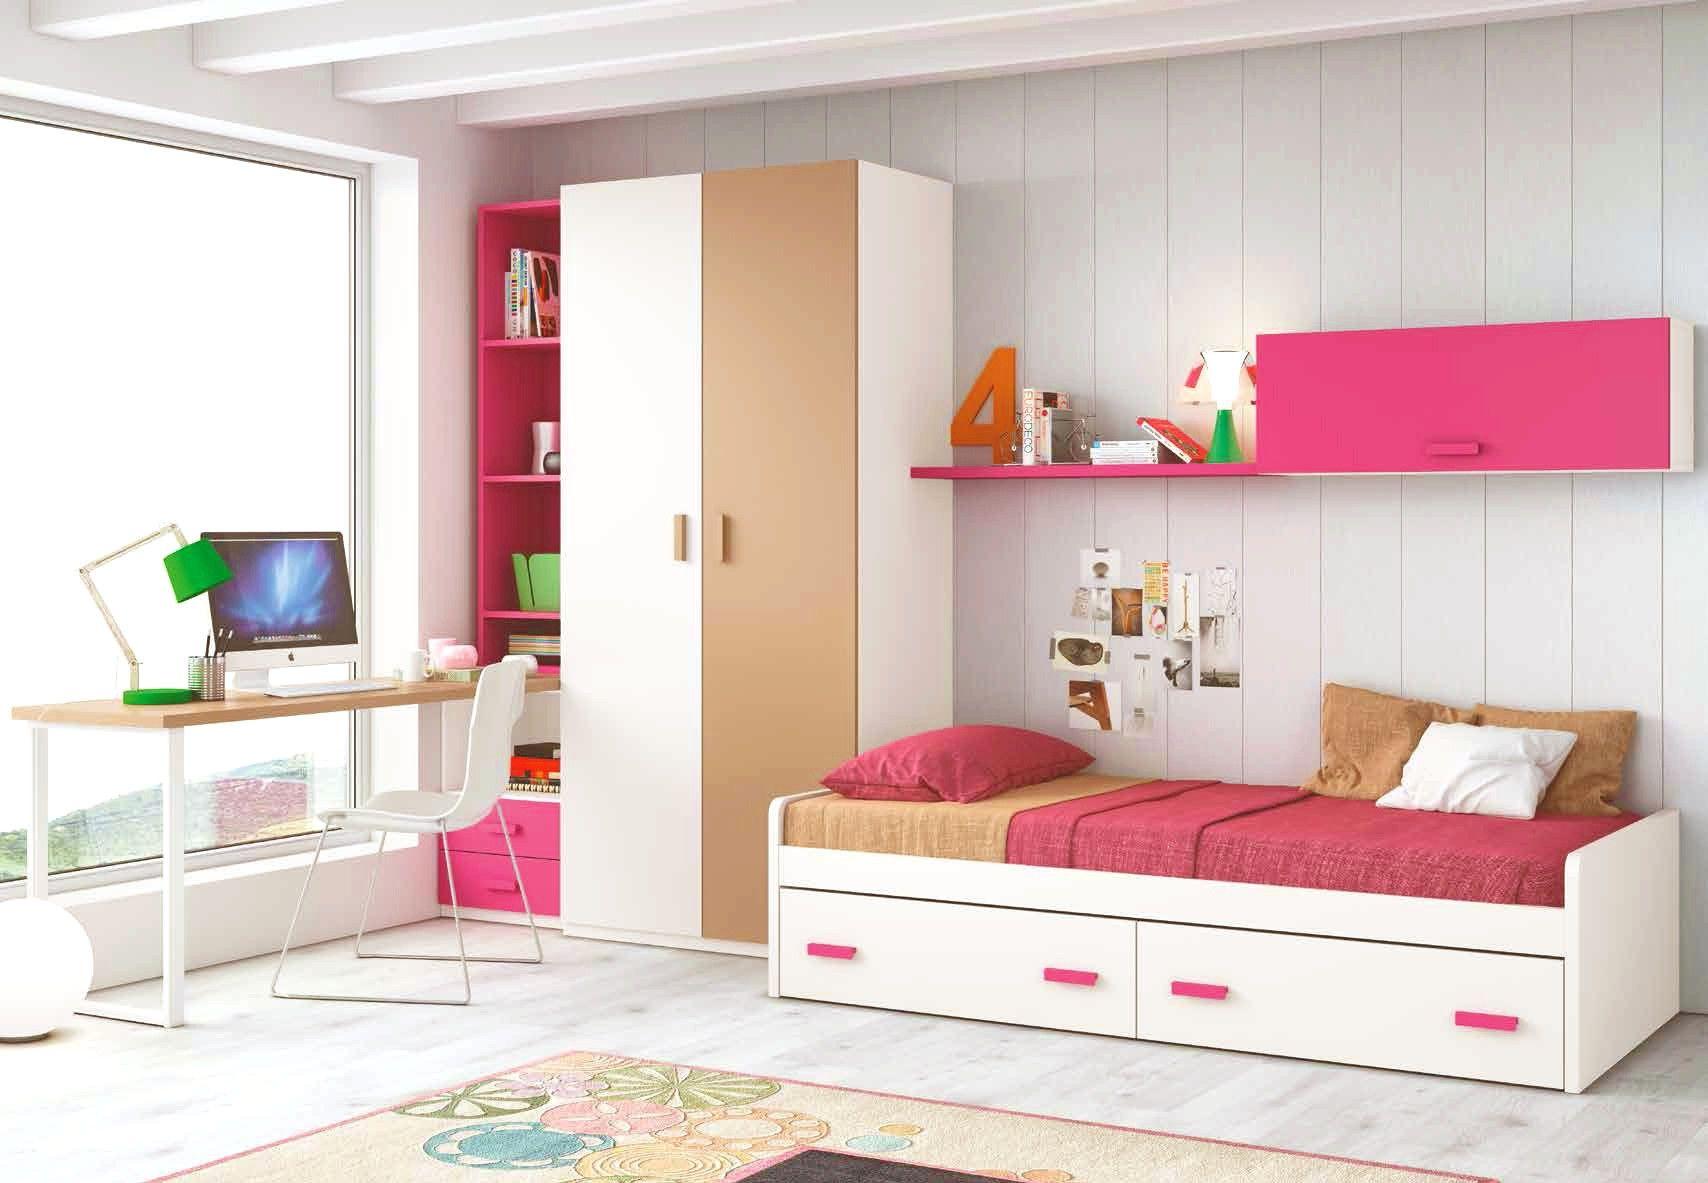 Lovely Chambre De Fille De 13 Ans Idees Deco Chambre Fille Deco